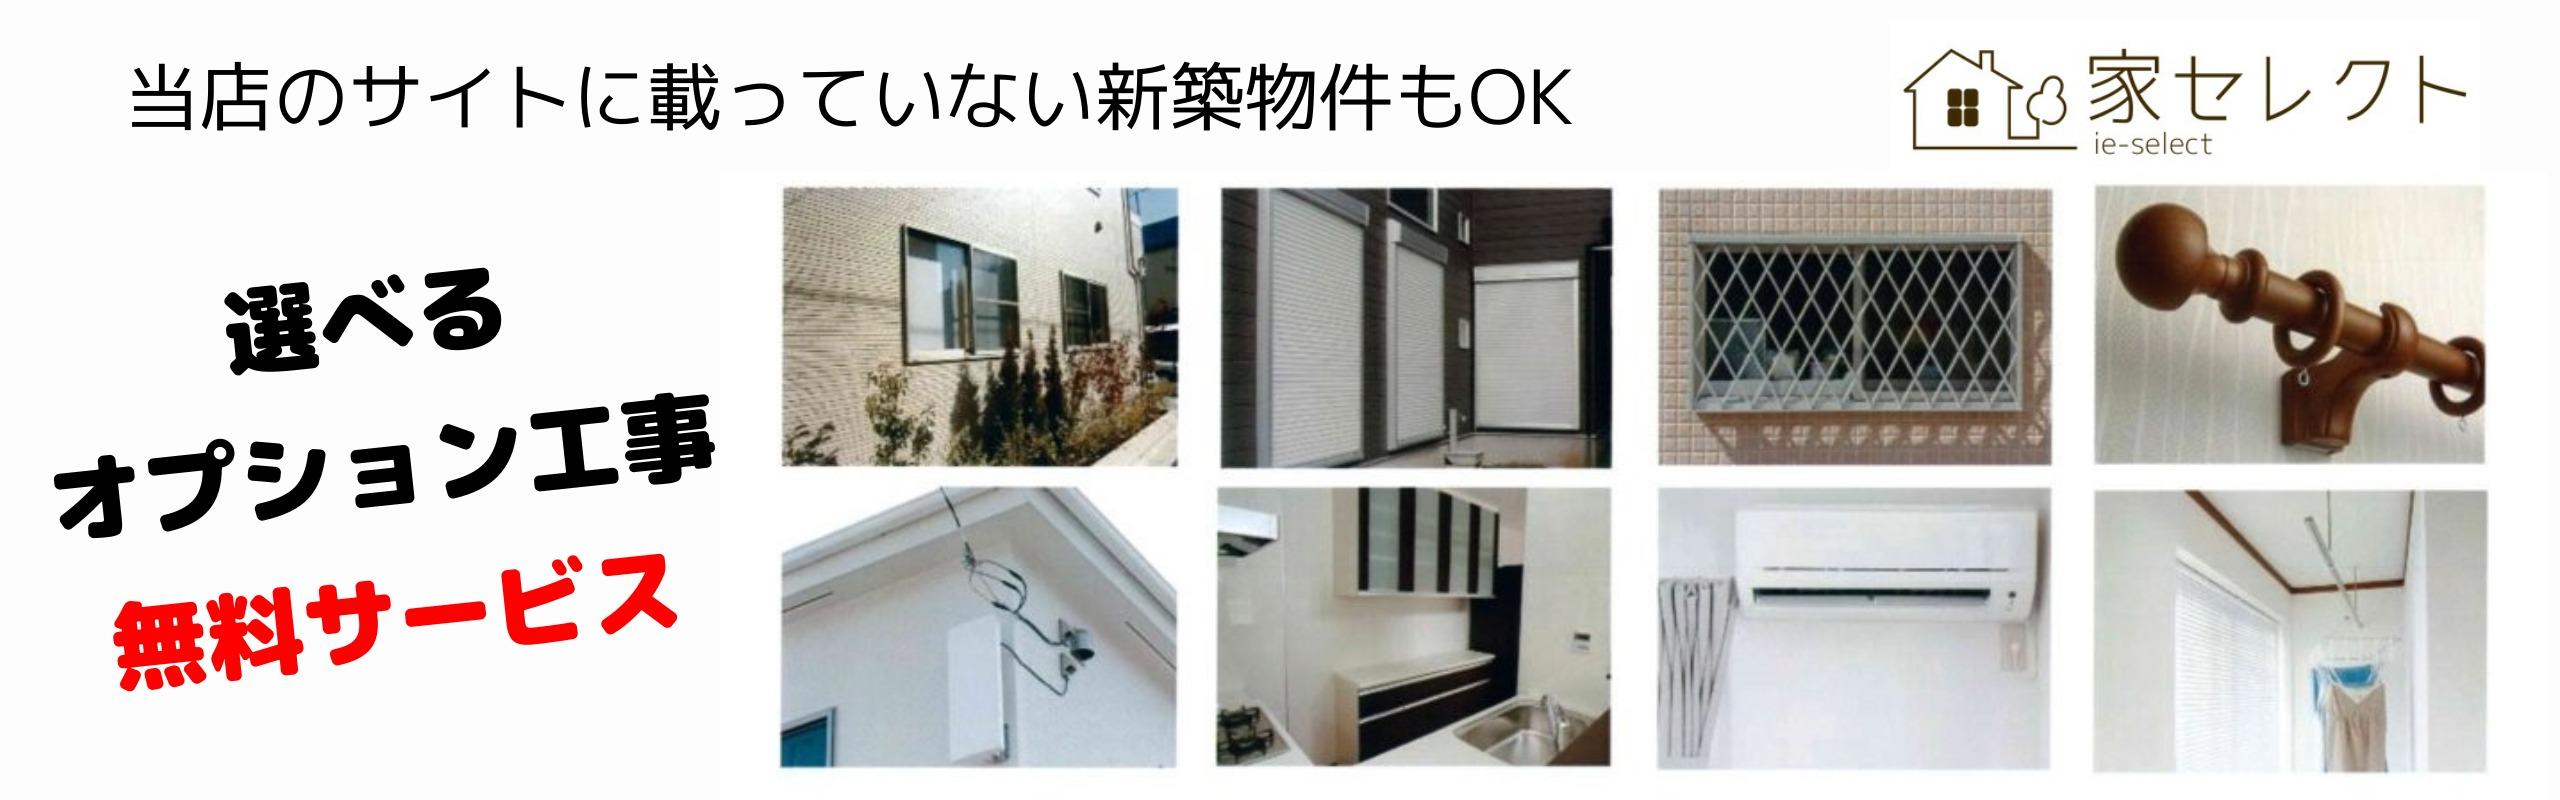 家セレクトで新築一戸建て建売購入で選べるオプション工事無料サービス